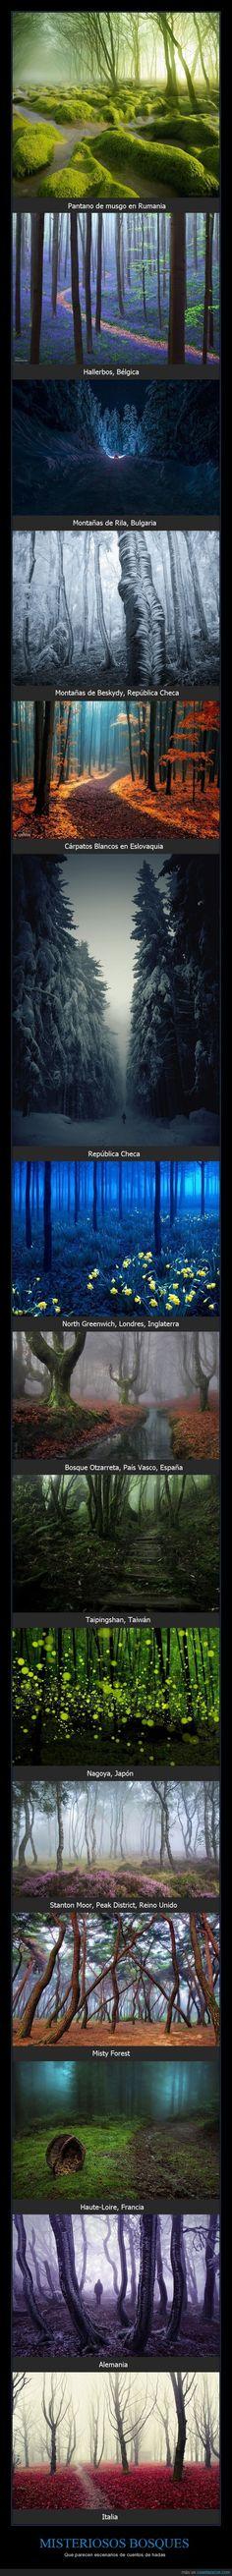 Misteriosos bosques que te dan ganas de viajar - Que parecen escenarios de cuentos de hadas